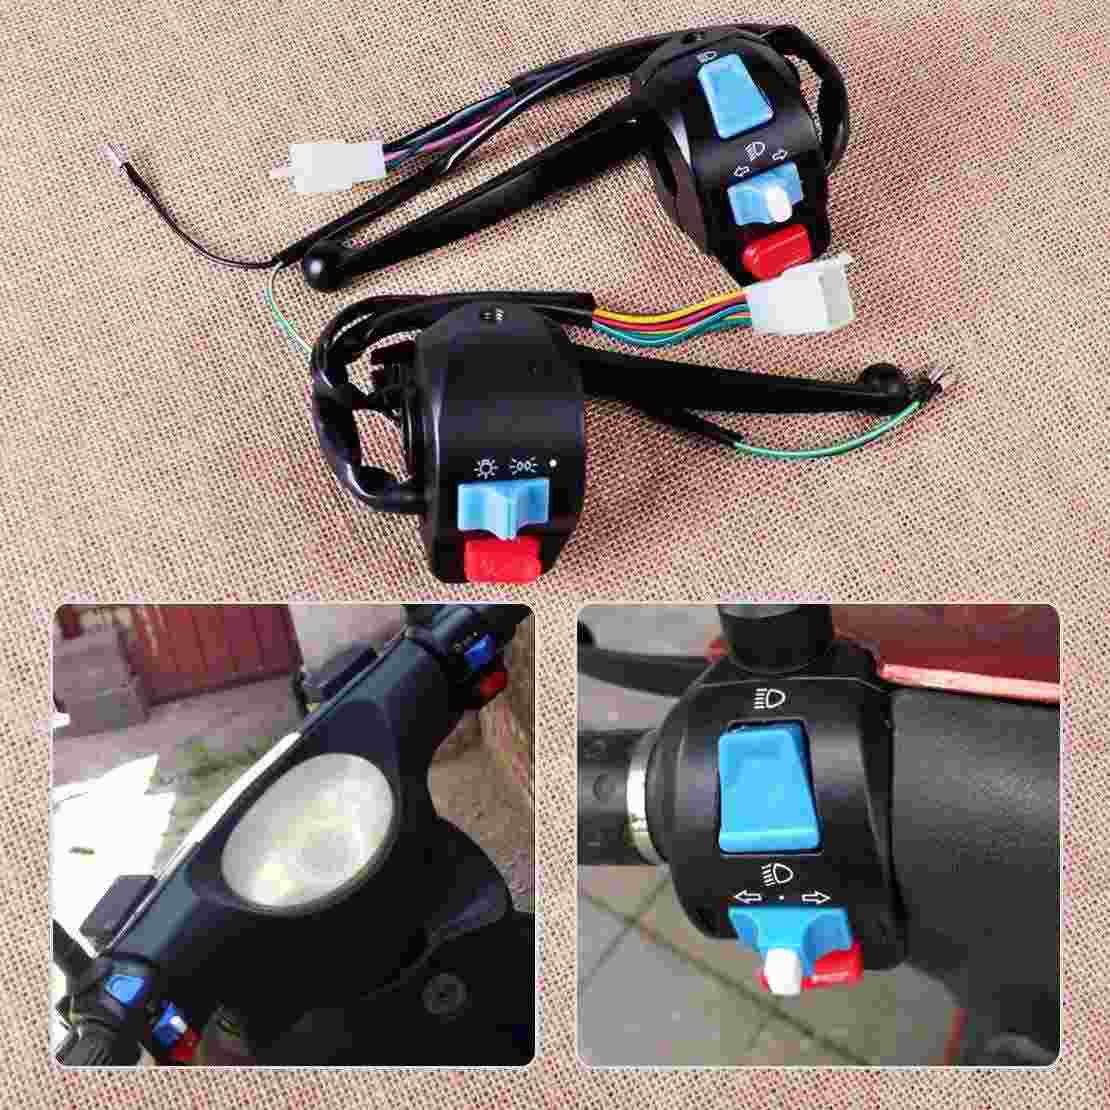 Universale Moto Quad 7//8  Motocicletta Sinistro Manubrio Interruttore Controllo Girata Segnale Luce Corno Clacson indicatori di direzione Interruttore